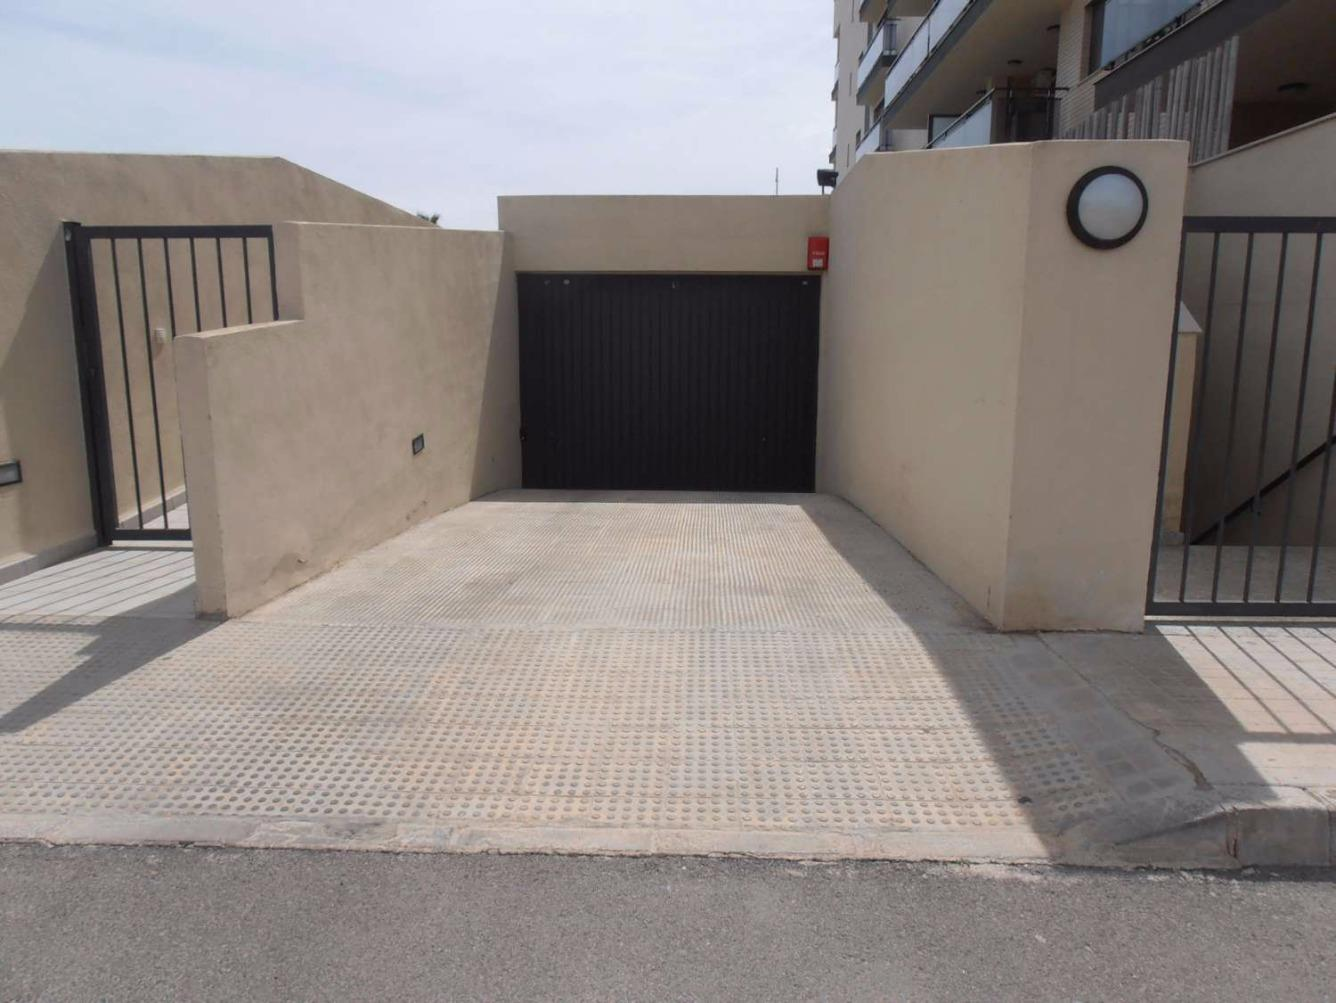 Piso en Calle RATLLA DE MONCOFA I XILXES